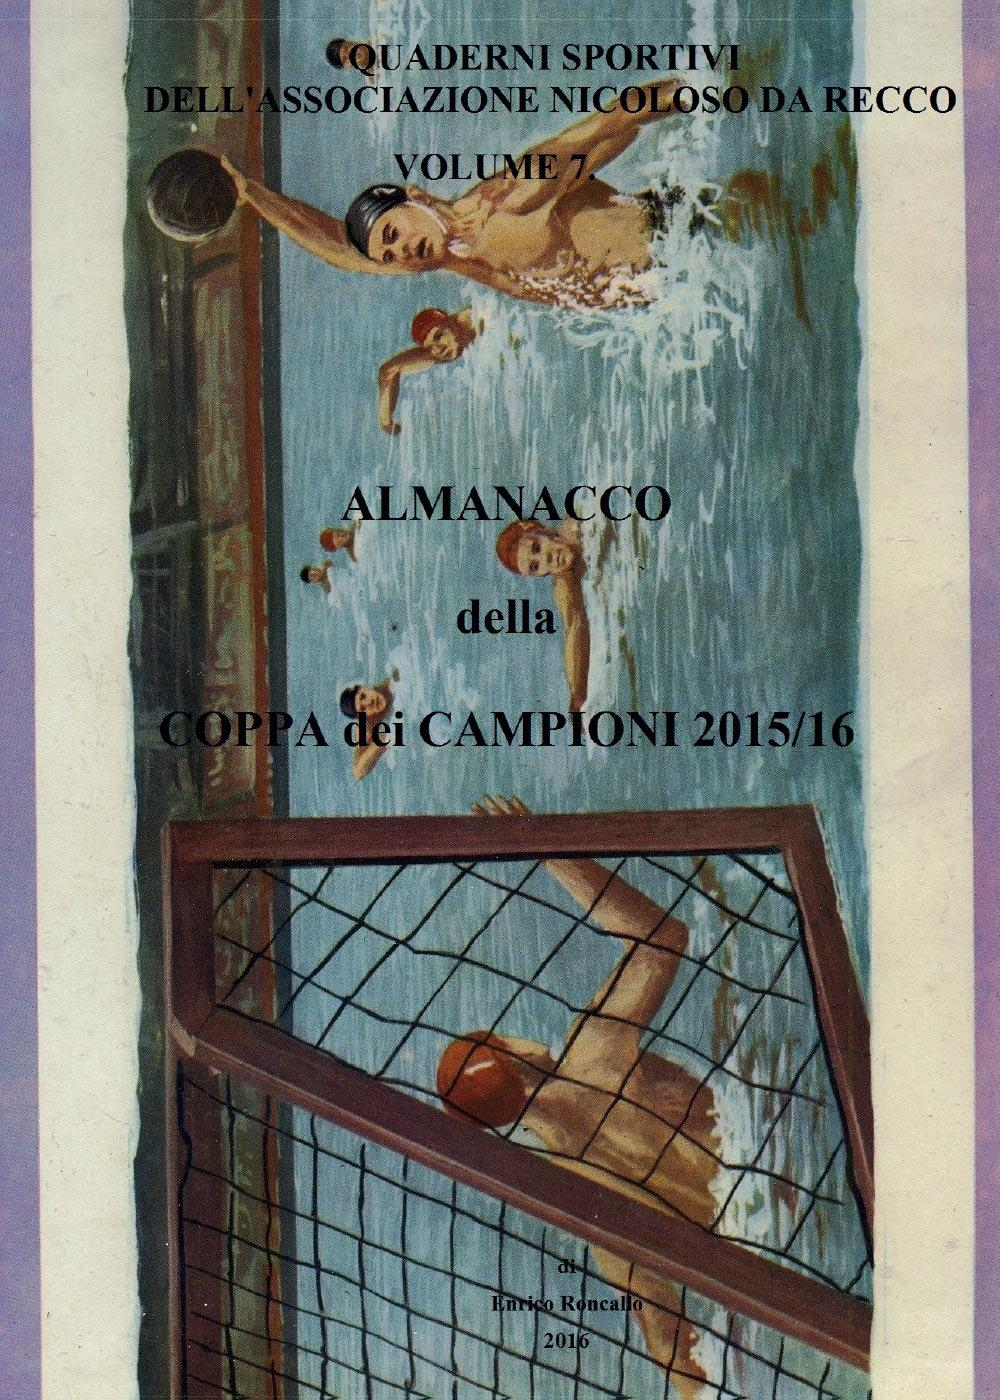 Almanacco della Coppa dei Campioni 2015/16